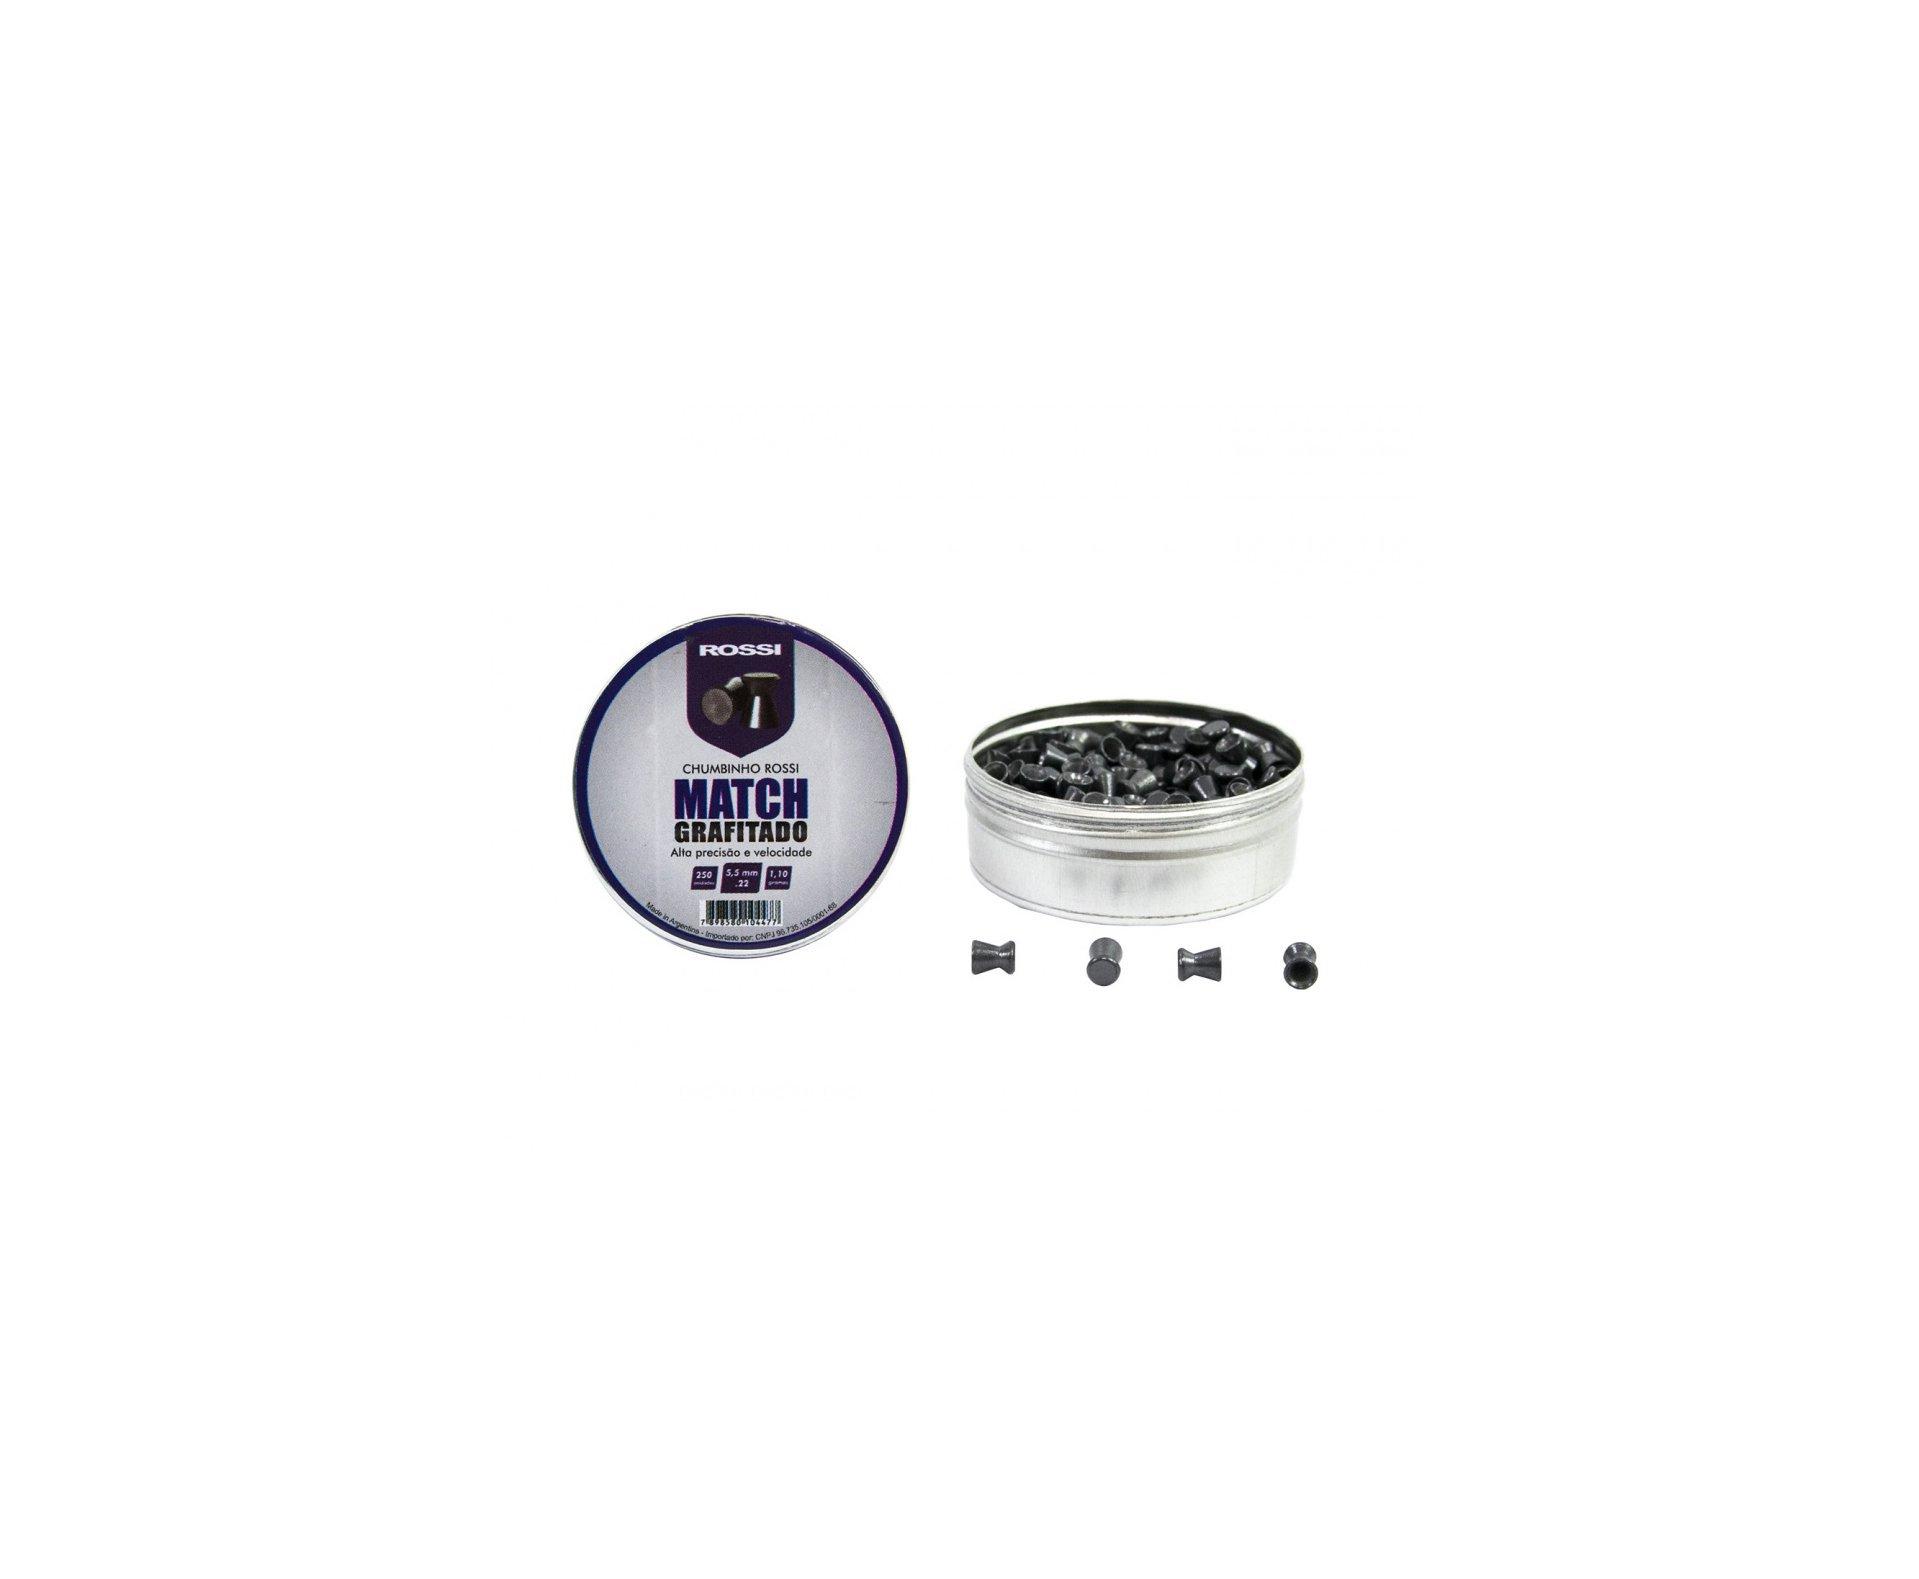 Carabina De Pressão Fênix 400 Galaxy - Gas Ram 455 - Calibre 5,5 Mm + Chumbinhos + Capa Almofadada - Cometa